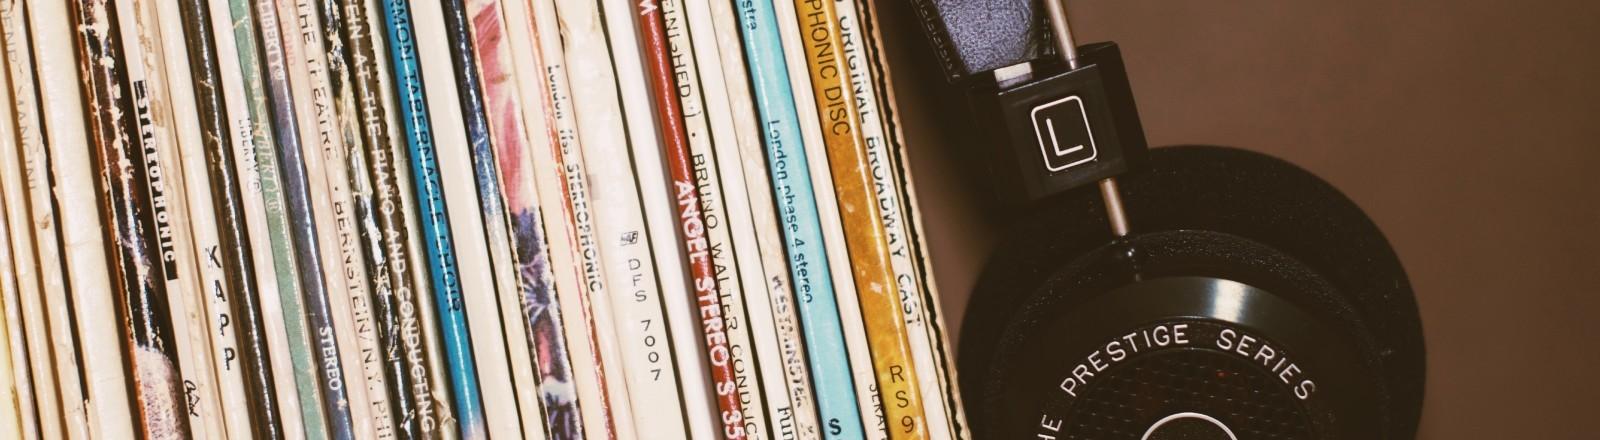 Schallplatten stehen in einem Regal. Daneben liegen Kopfhörer.